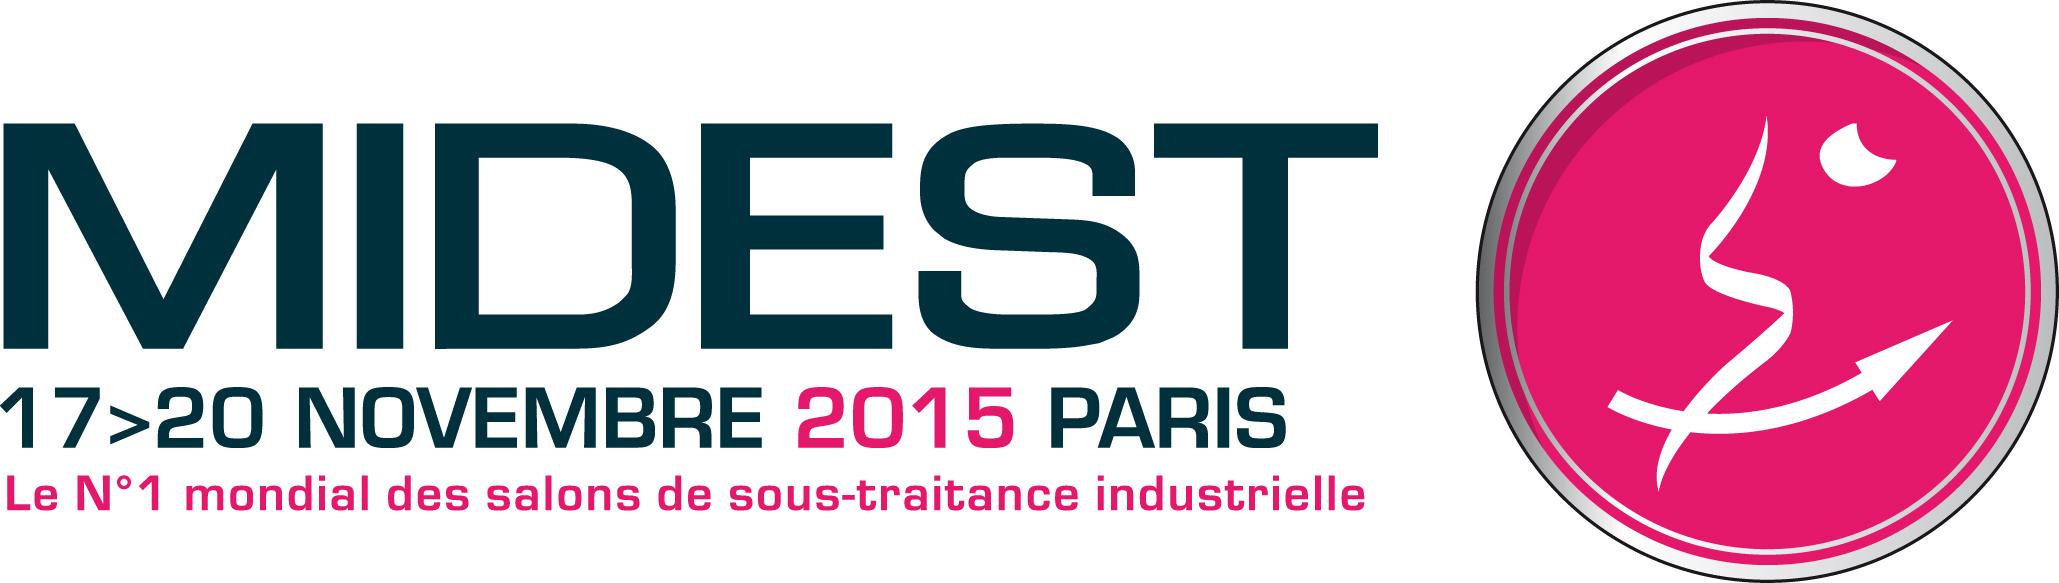 Logo_MIDEST_2015